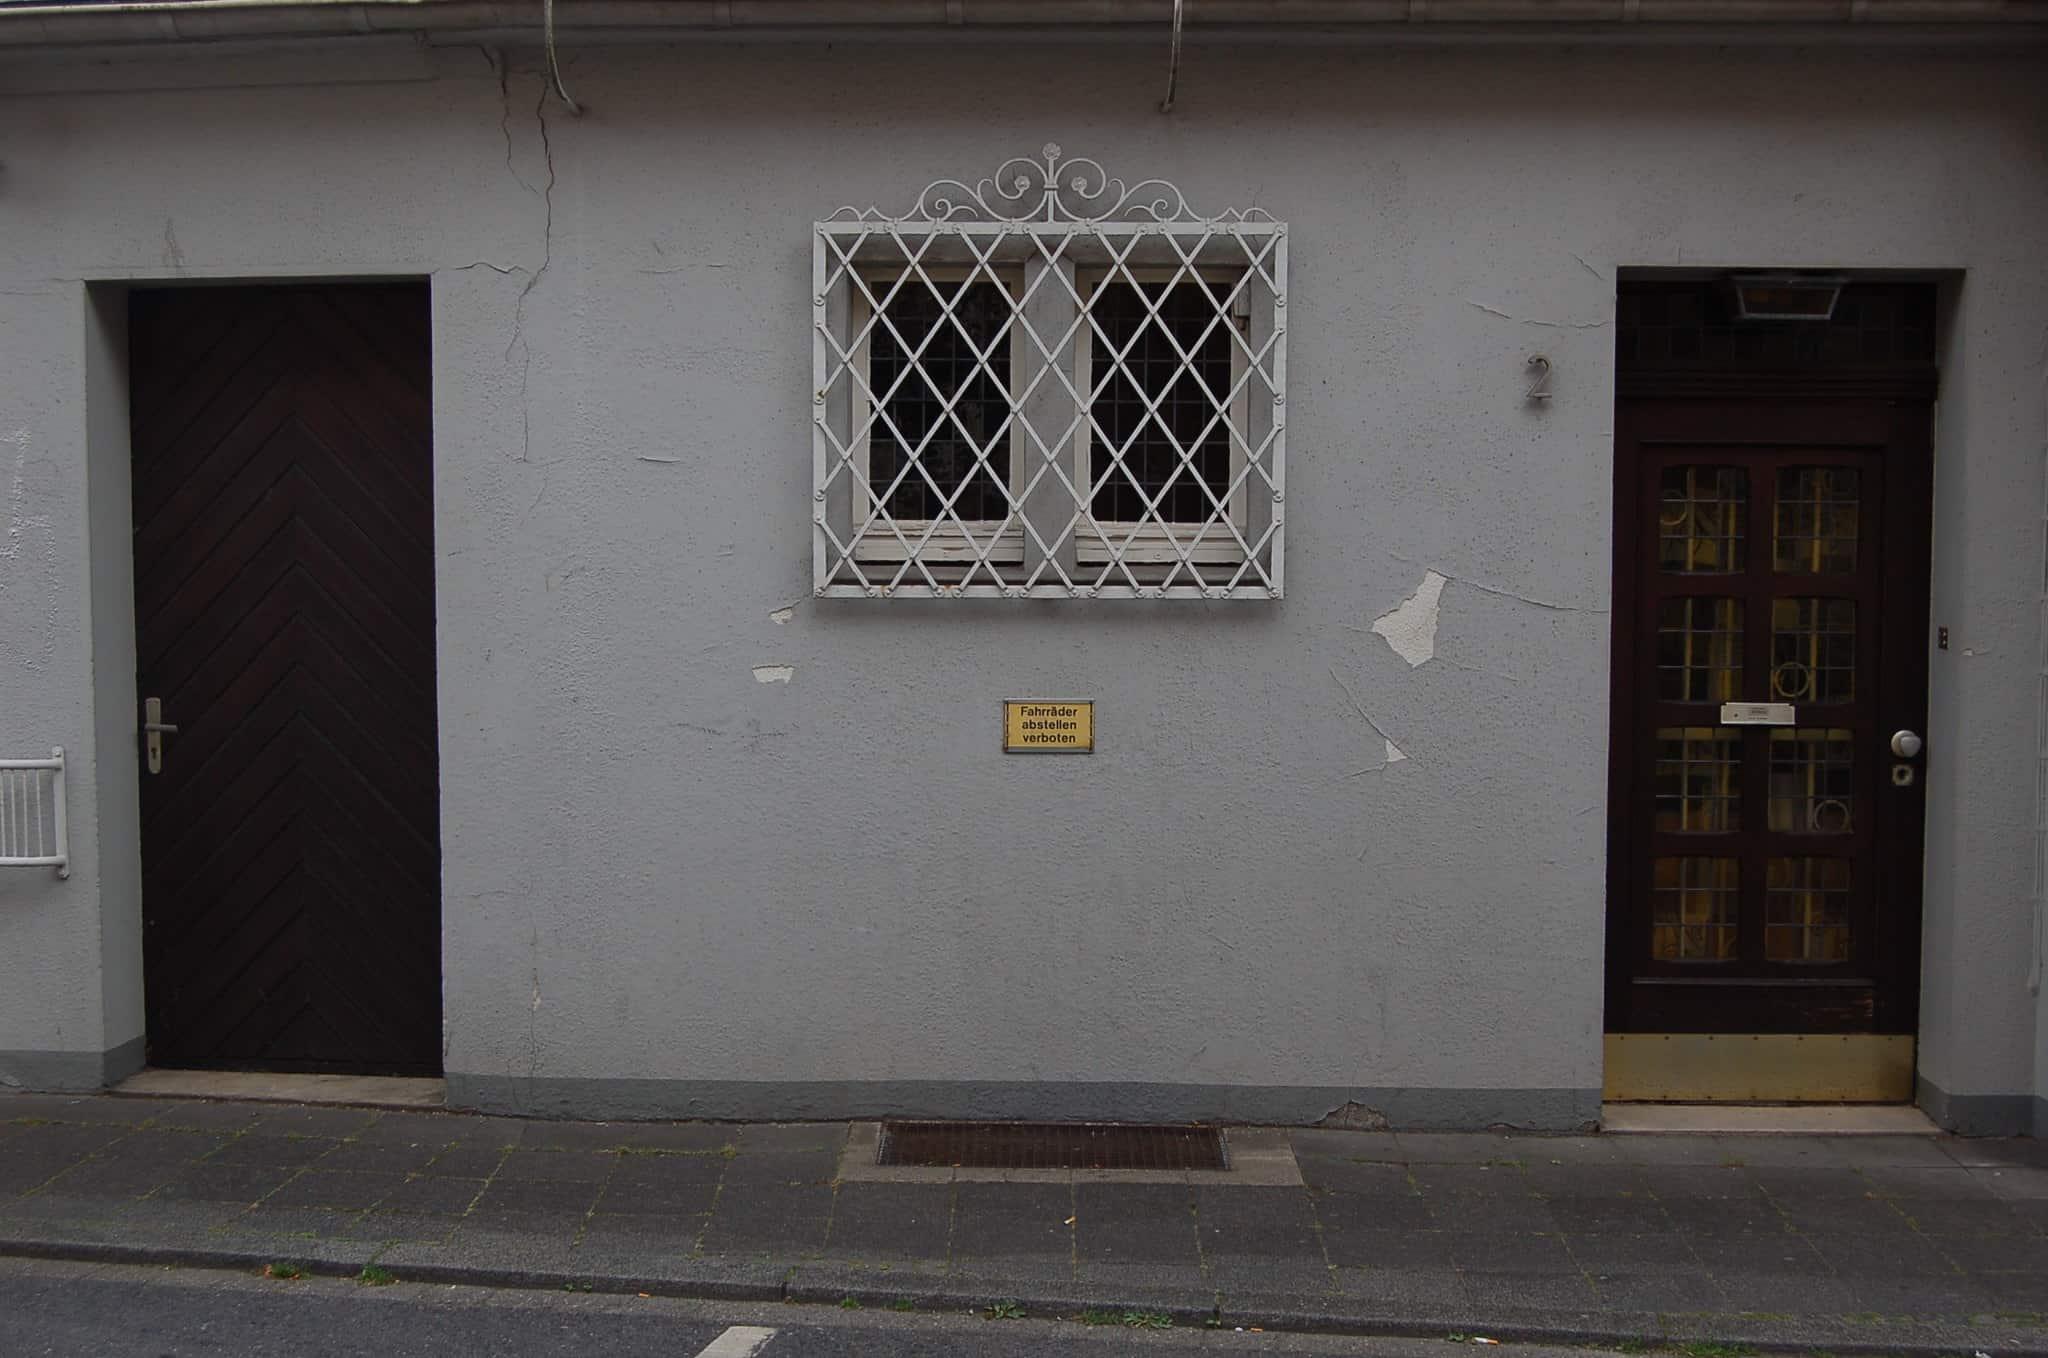 GAH-Alberts 553456 Fenstergitter Granada 790 x 1040 mm Vollmaterial f/ür die Befestigung auf der Au/ßenwand feuerverzinkt